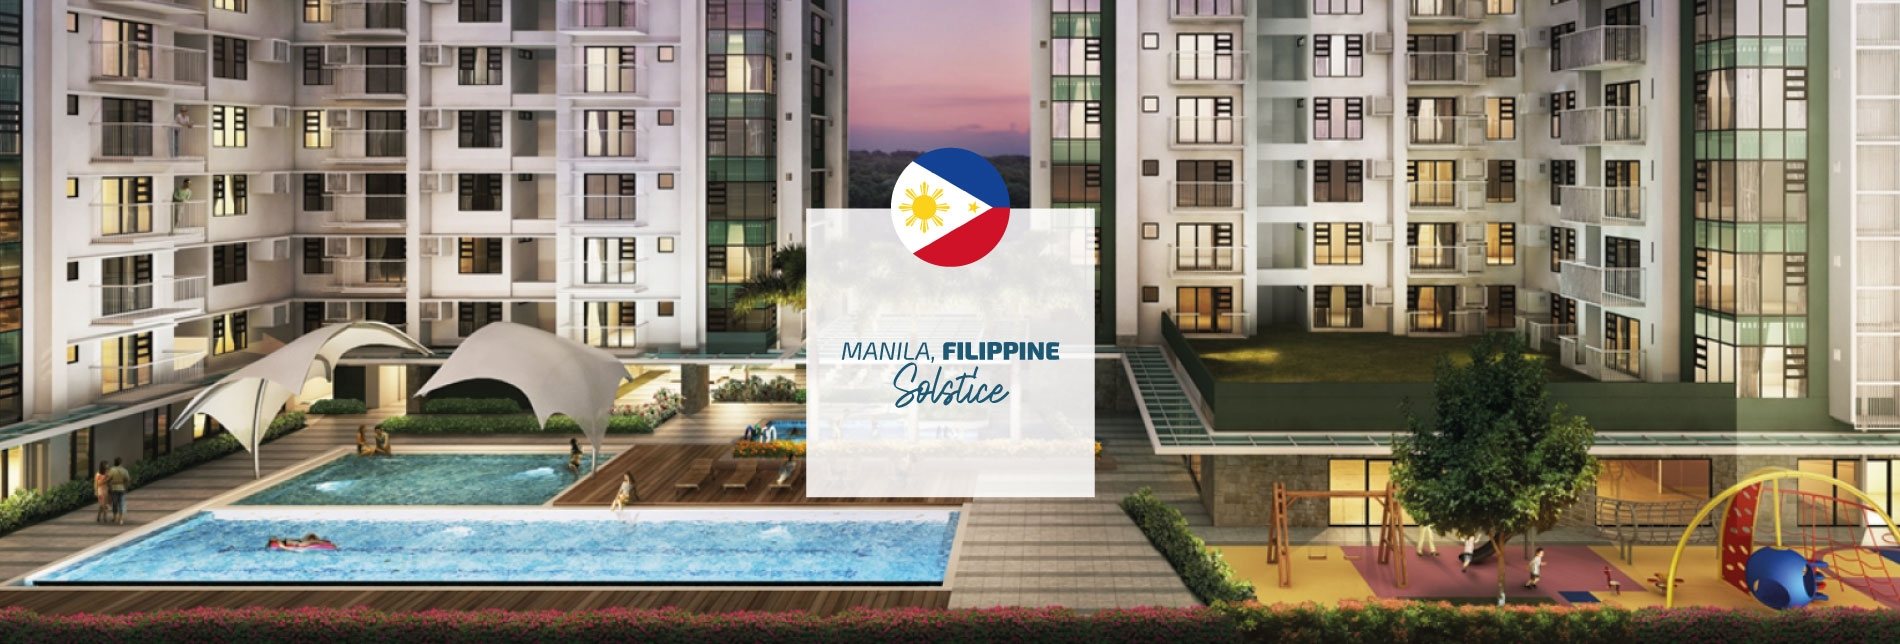 ASIA / Solstice Filippine